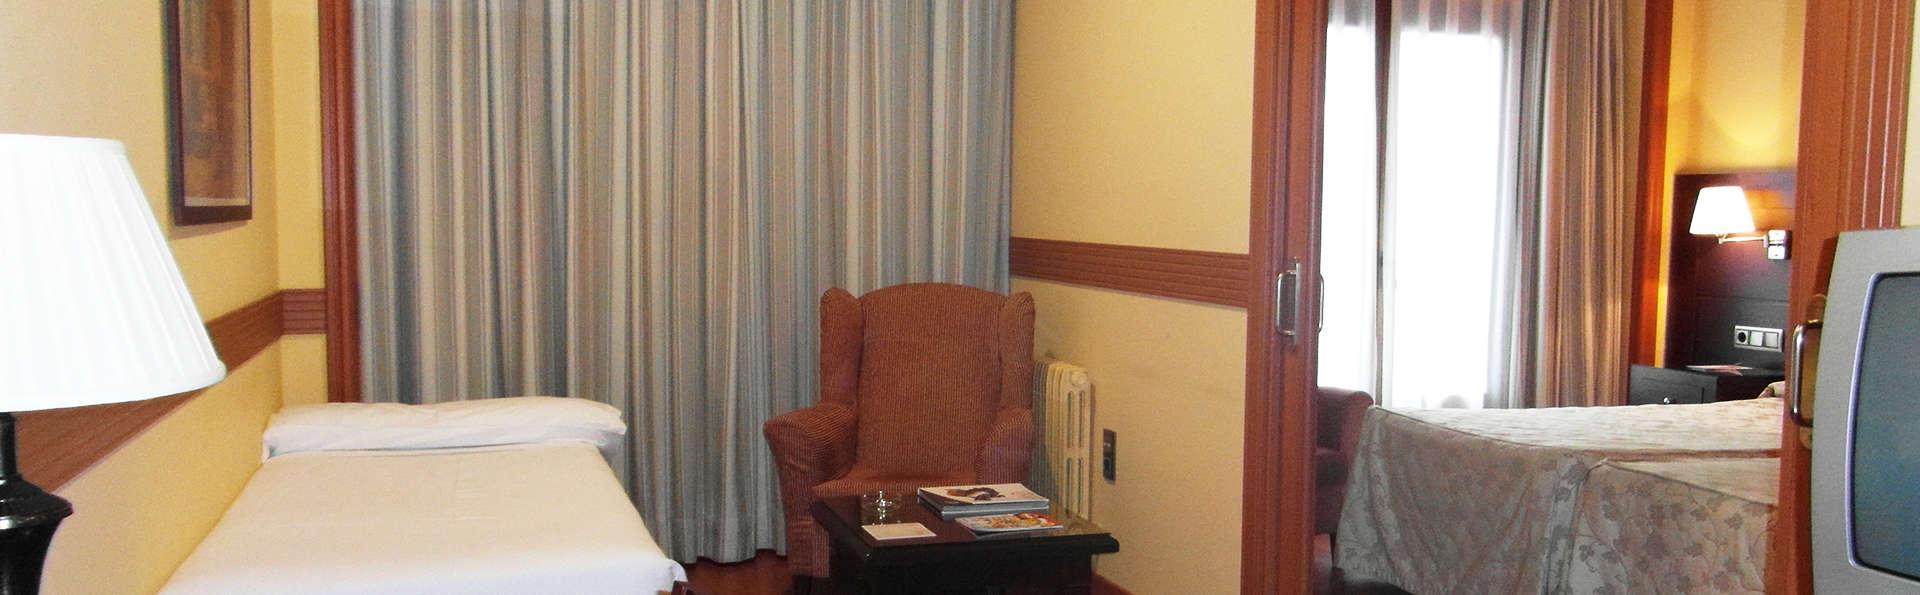 Hotel II Castillas Ávila - EDIT_room1.jpg